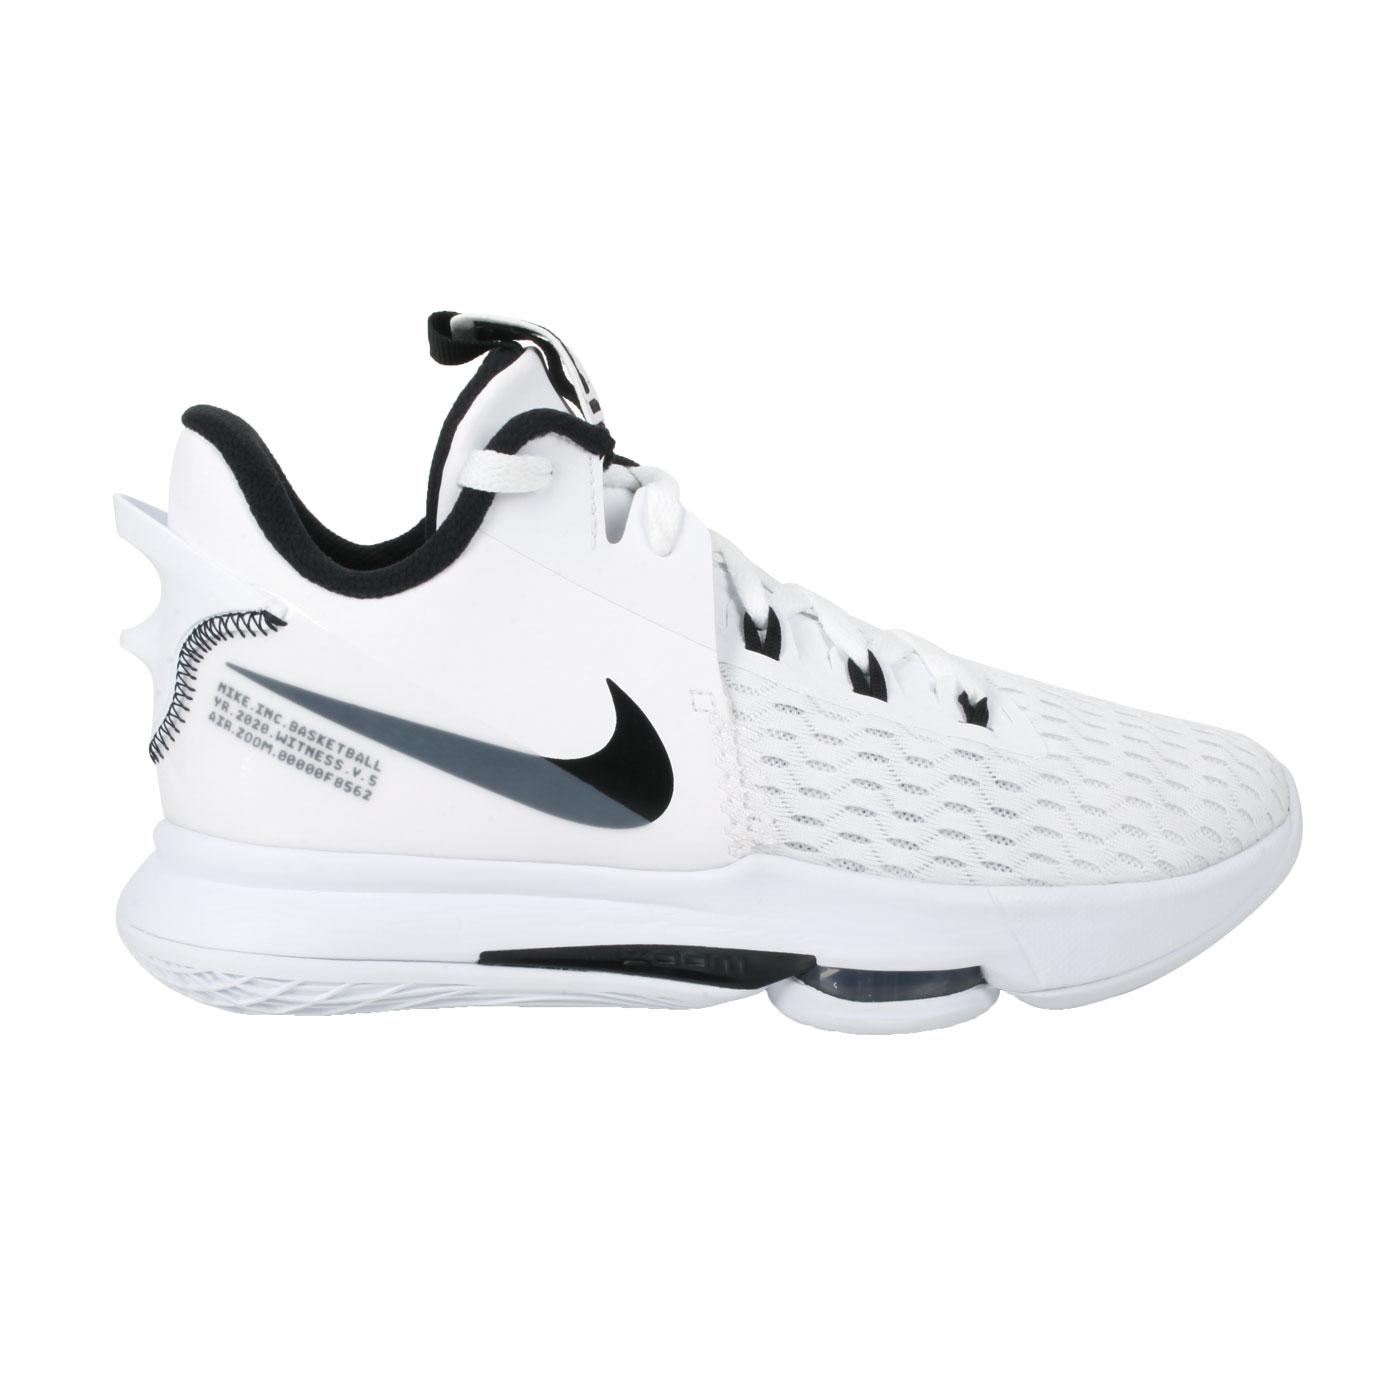 NIKE 男款籃球鞋  @LEBRON WITNESS V EP@CQ9381101 - 白黑